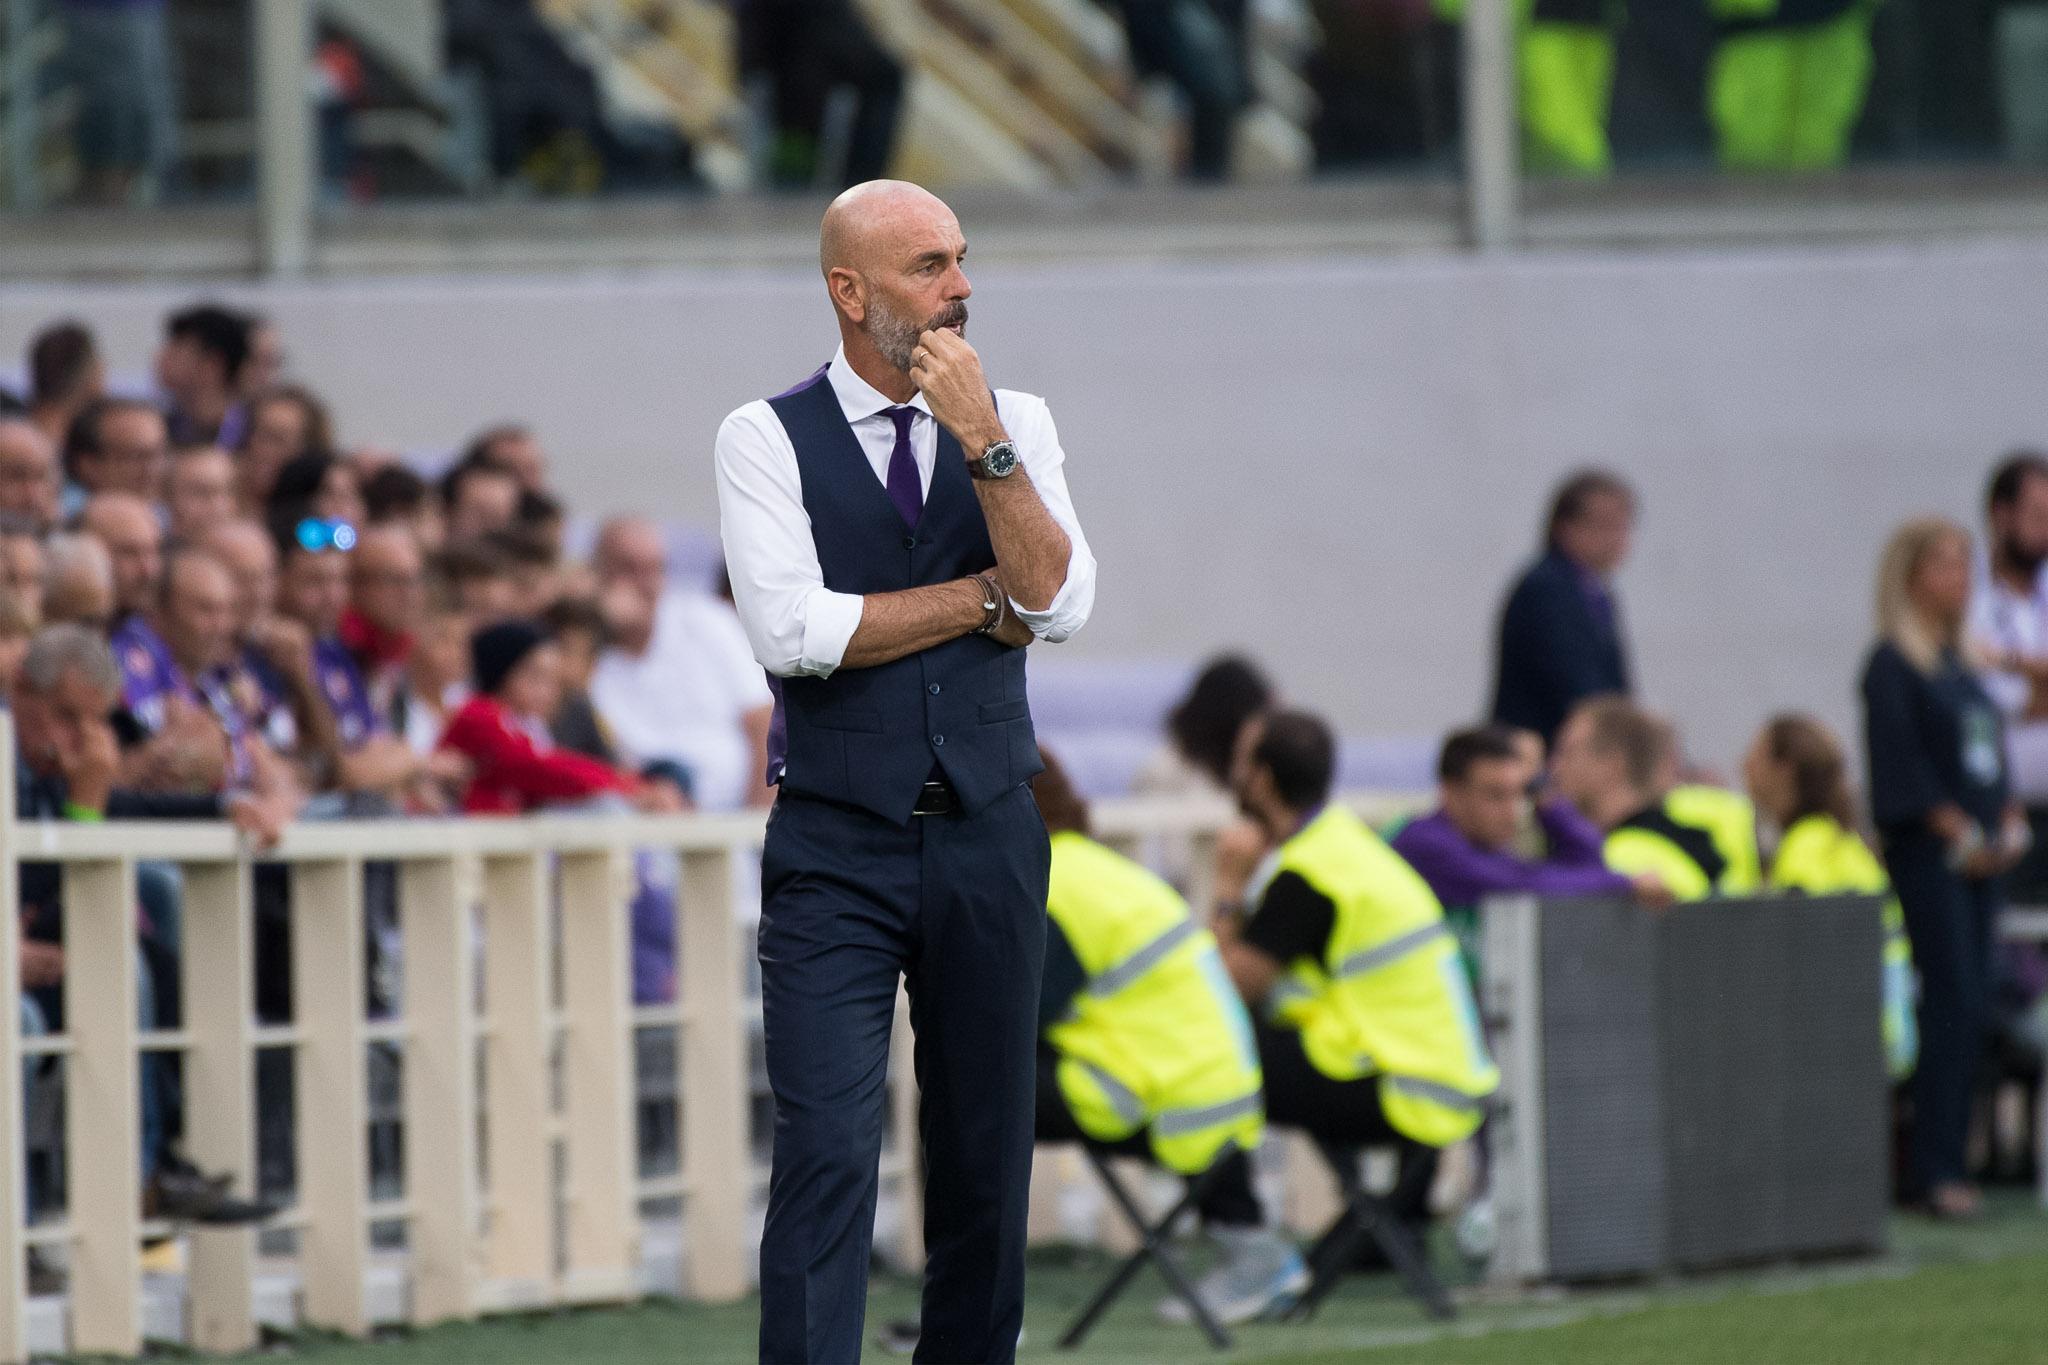 Repubblica: Fiorentina prevedibile e troppo scolastica. Pioli fa fatica ad assemblare la squadra.